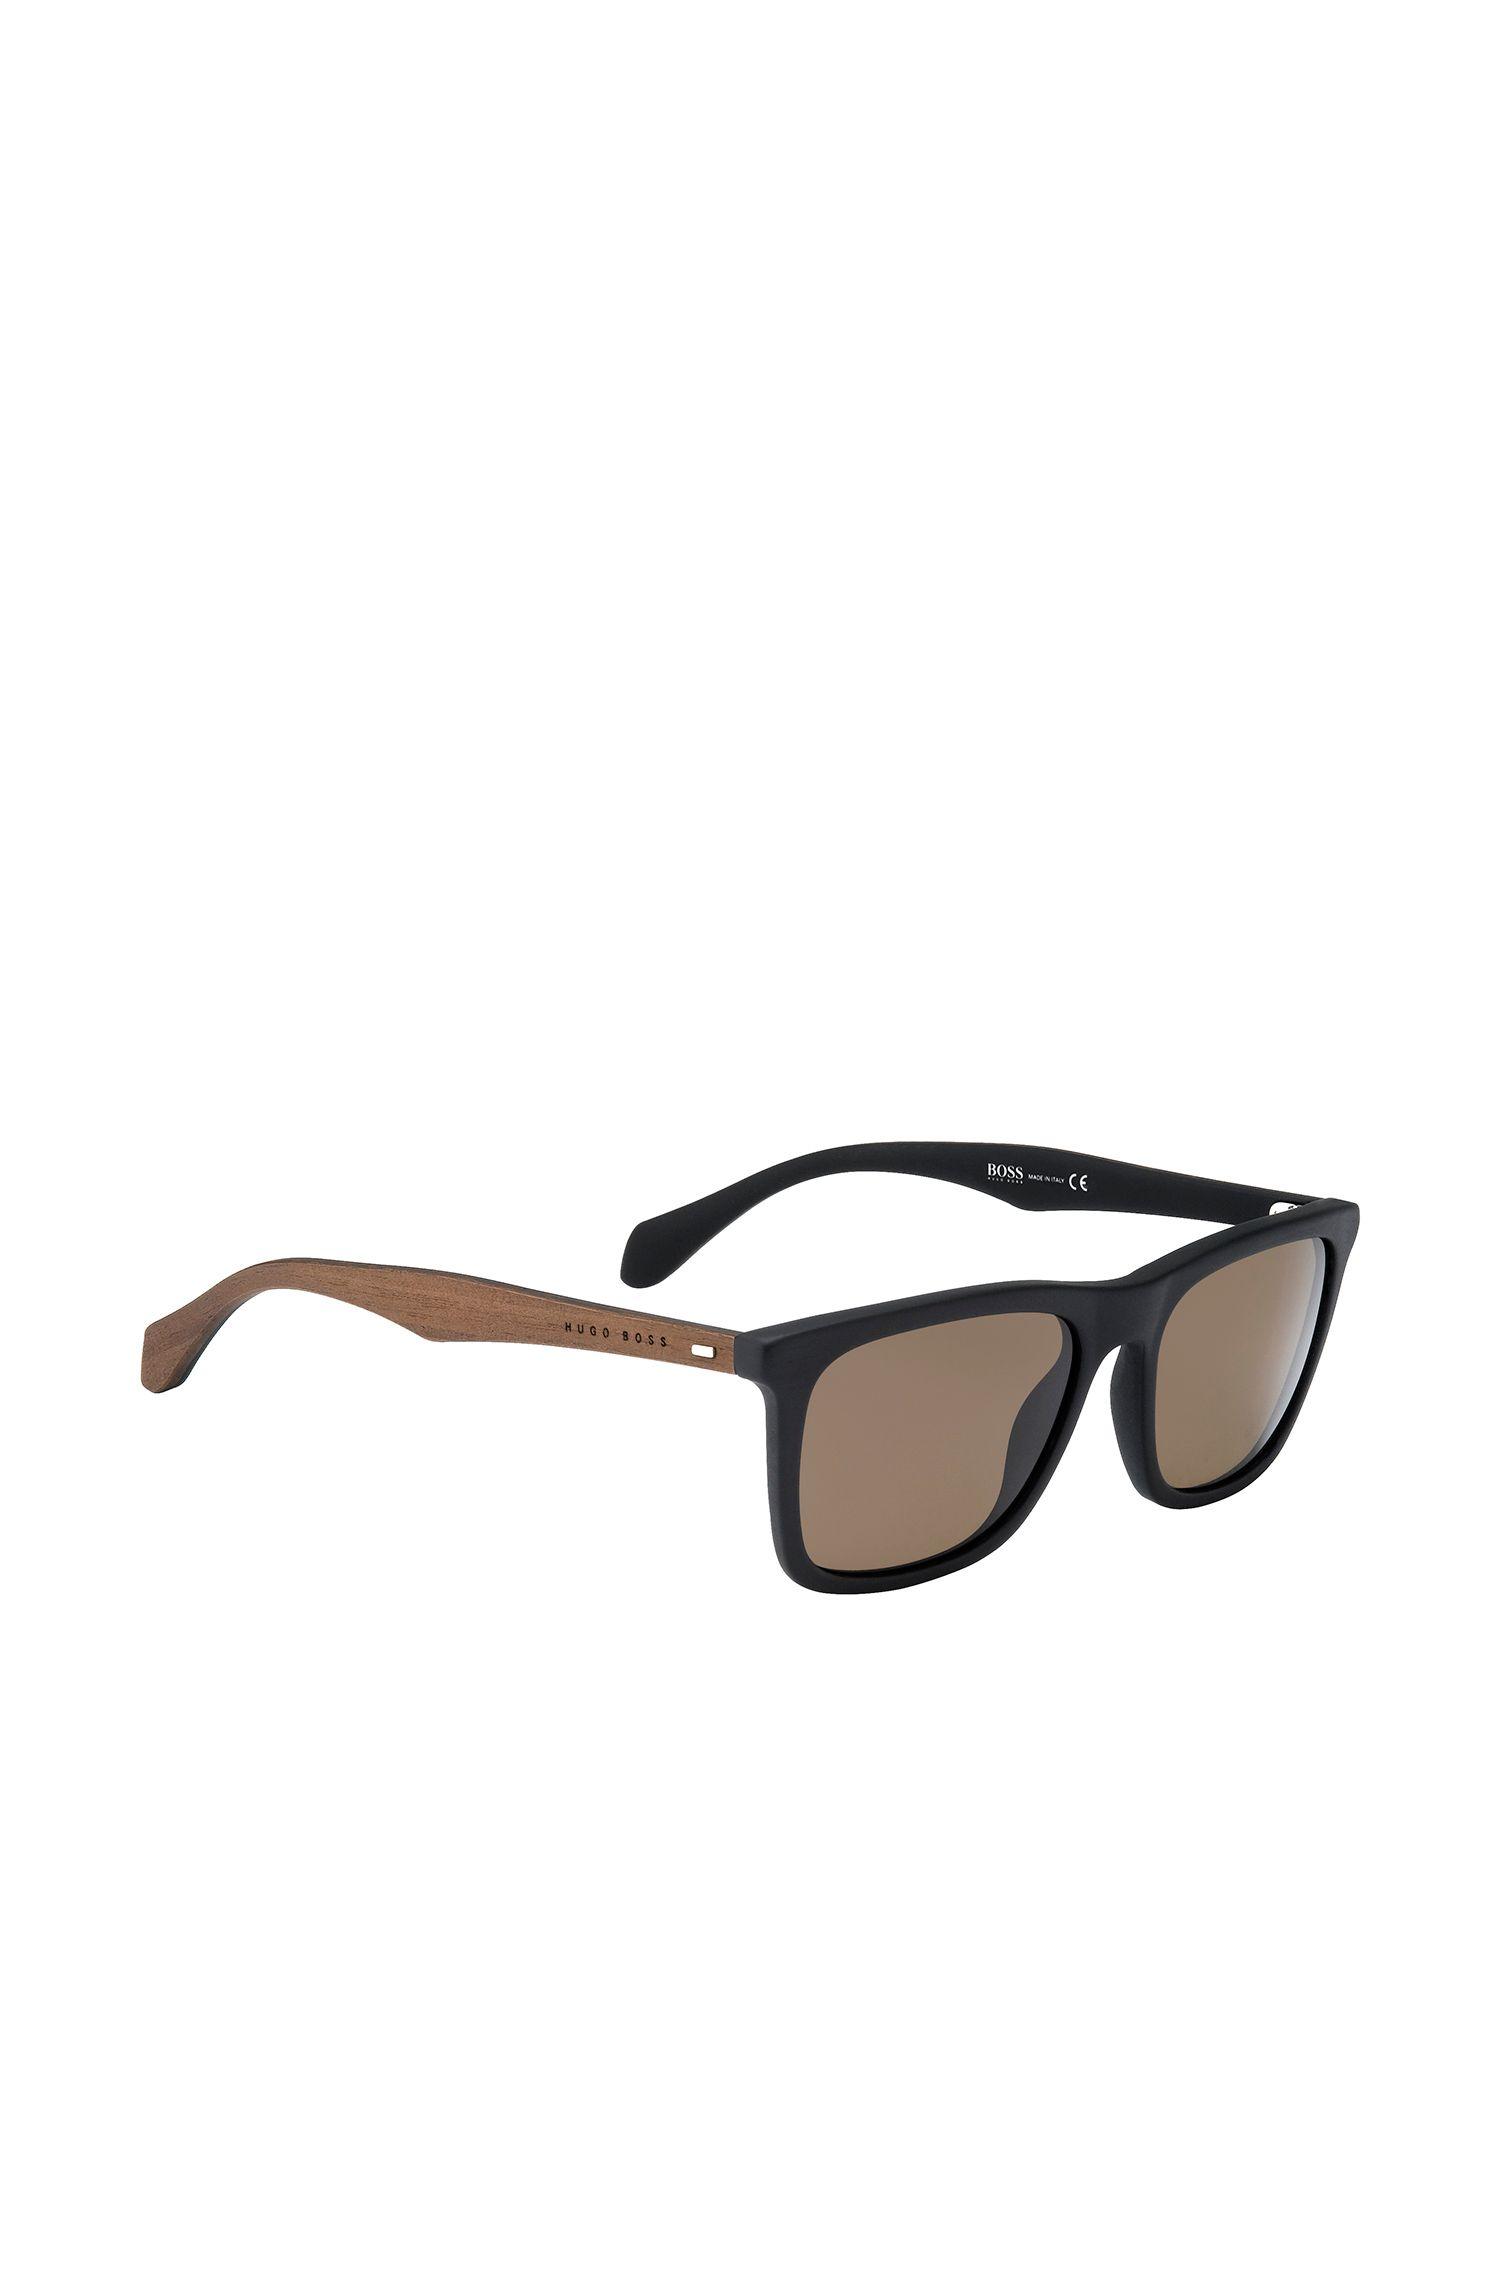 Bronze Polar Lens Rectangular Sunglasses | BOSS 0776S